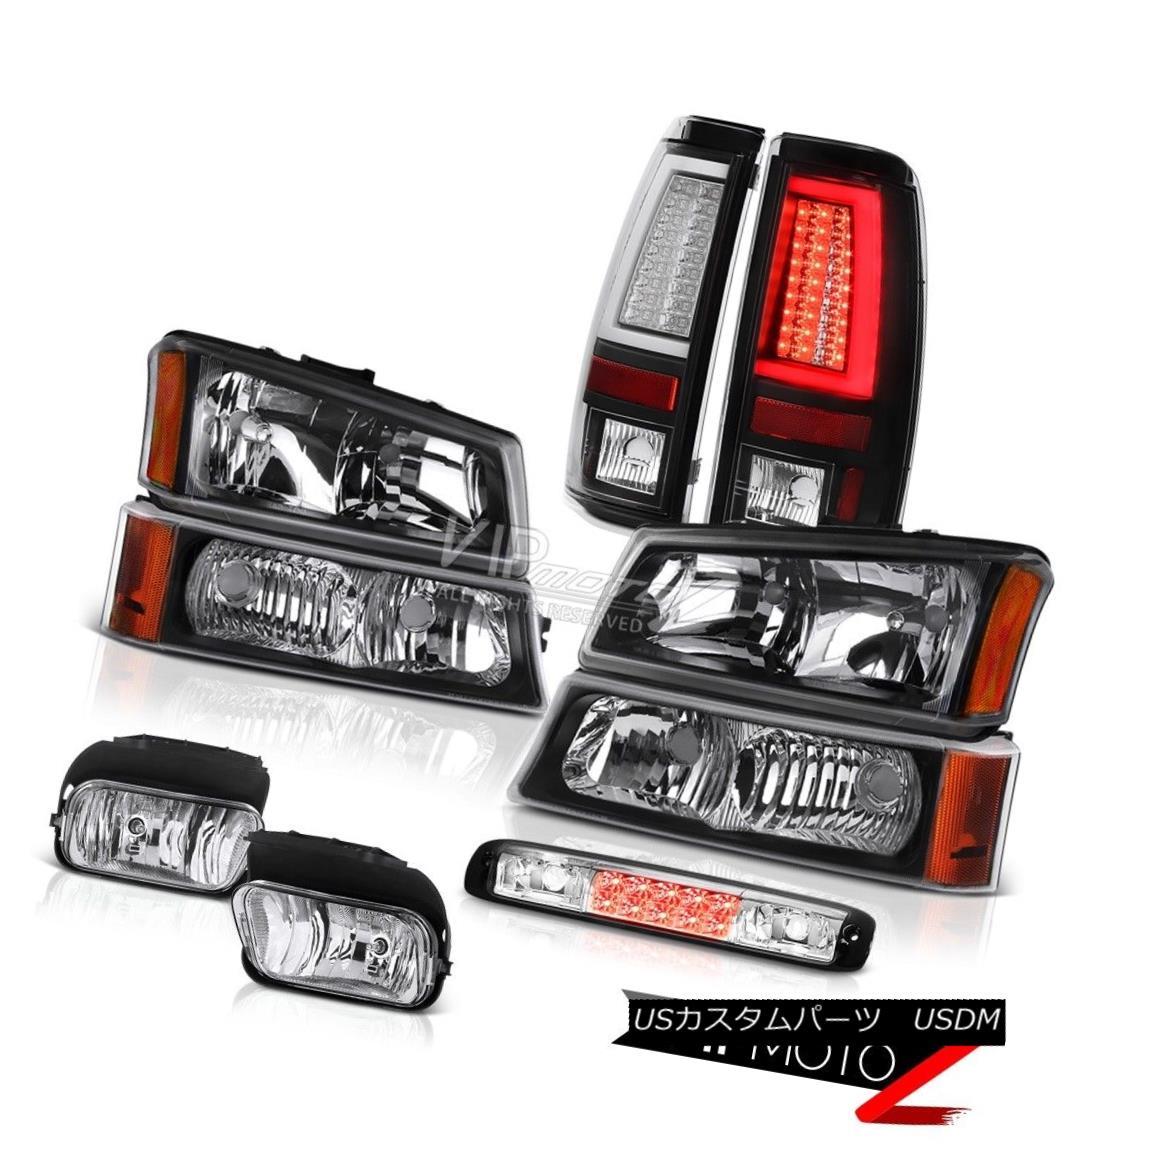 ヘッドライト 03-06 Silverado 3500Hd Black Tail Brake Lamps Headlights Fog Lights Third Lamp 03-06 Silverado 3500Hdブラックテールブレーキランプヘッドライトフォグライト第3ランプ